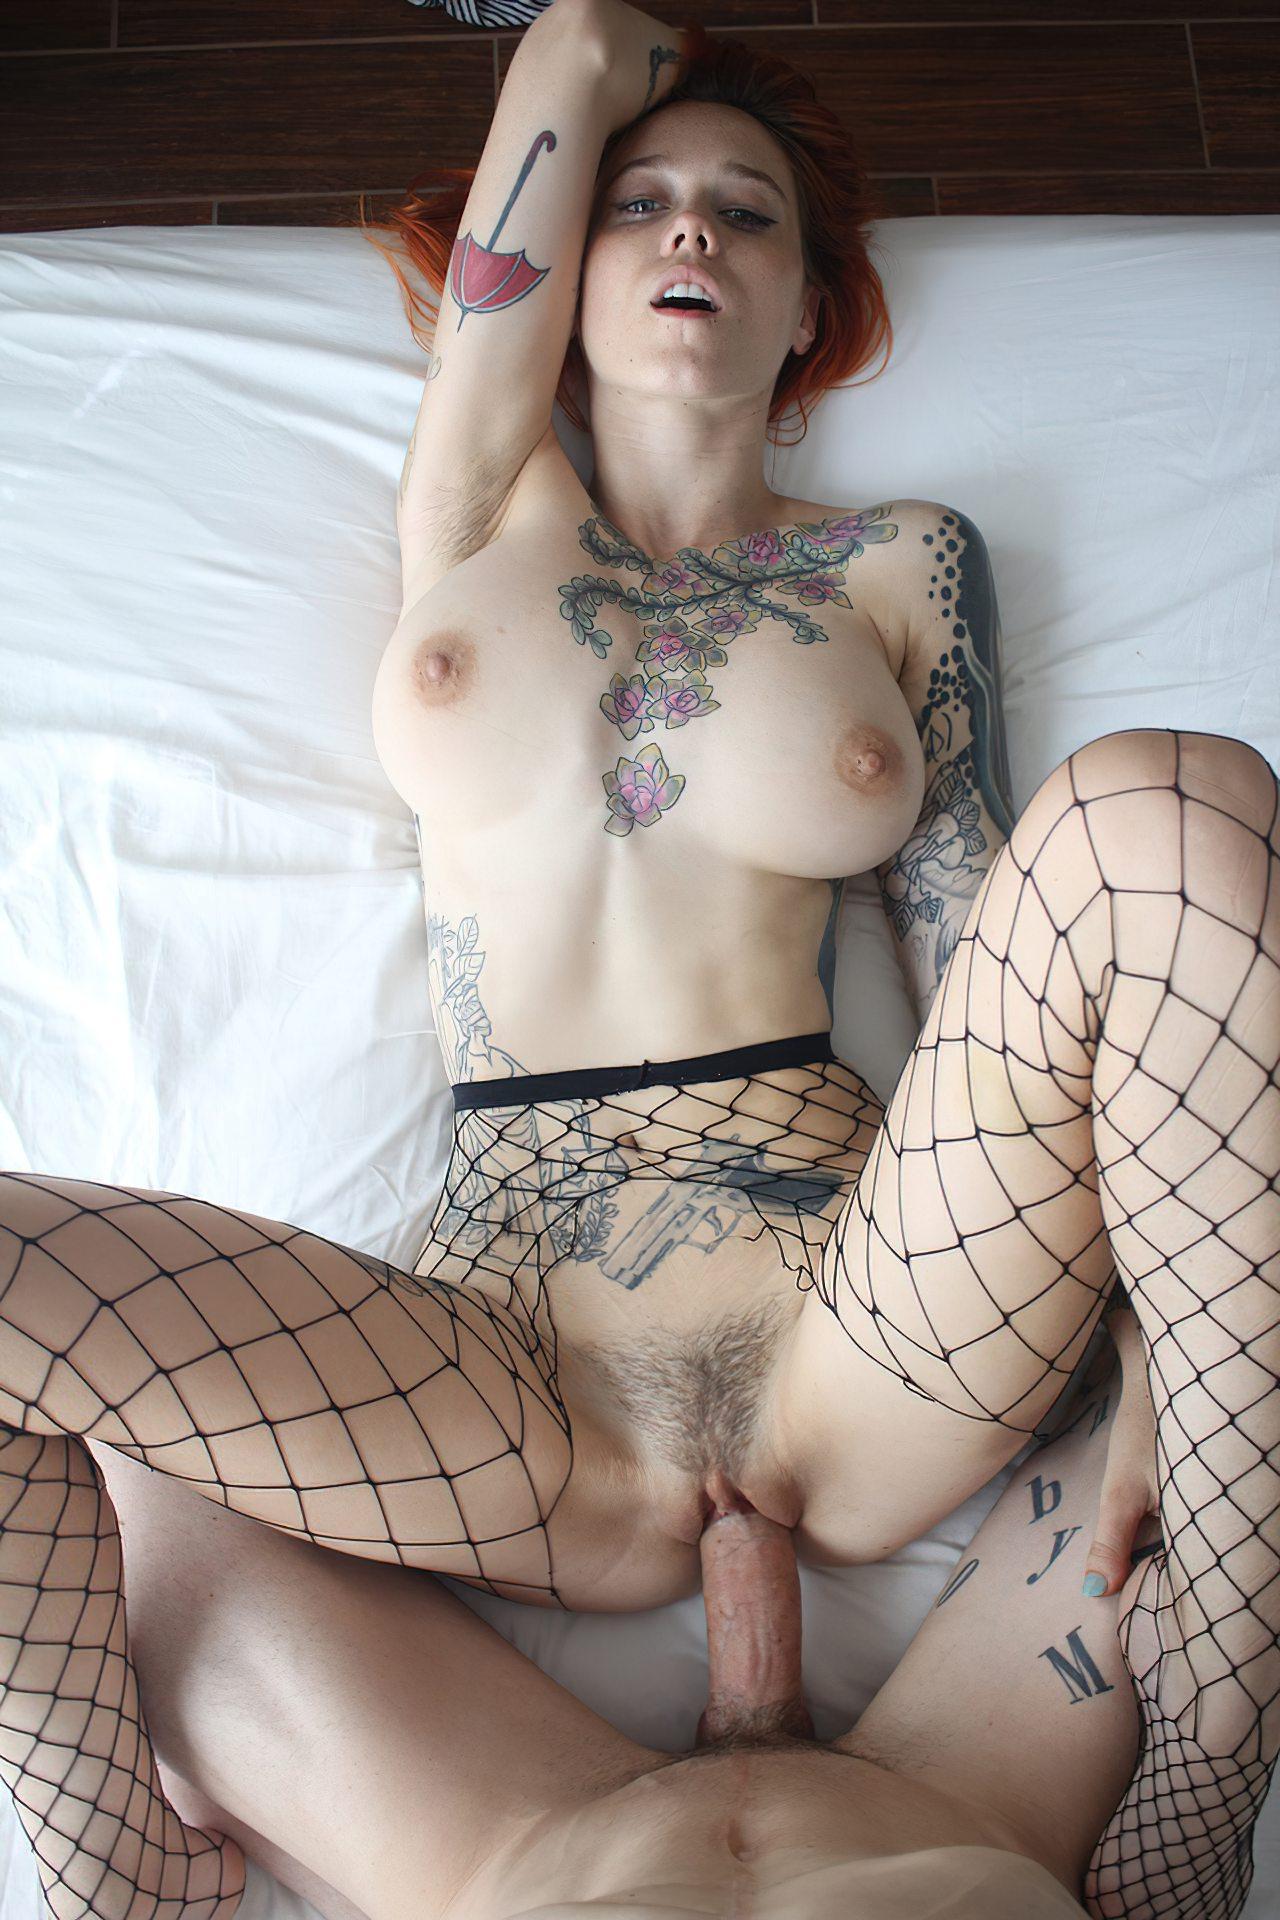 Branquinha Tatuada Dando Homem Dotado (2)